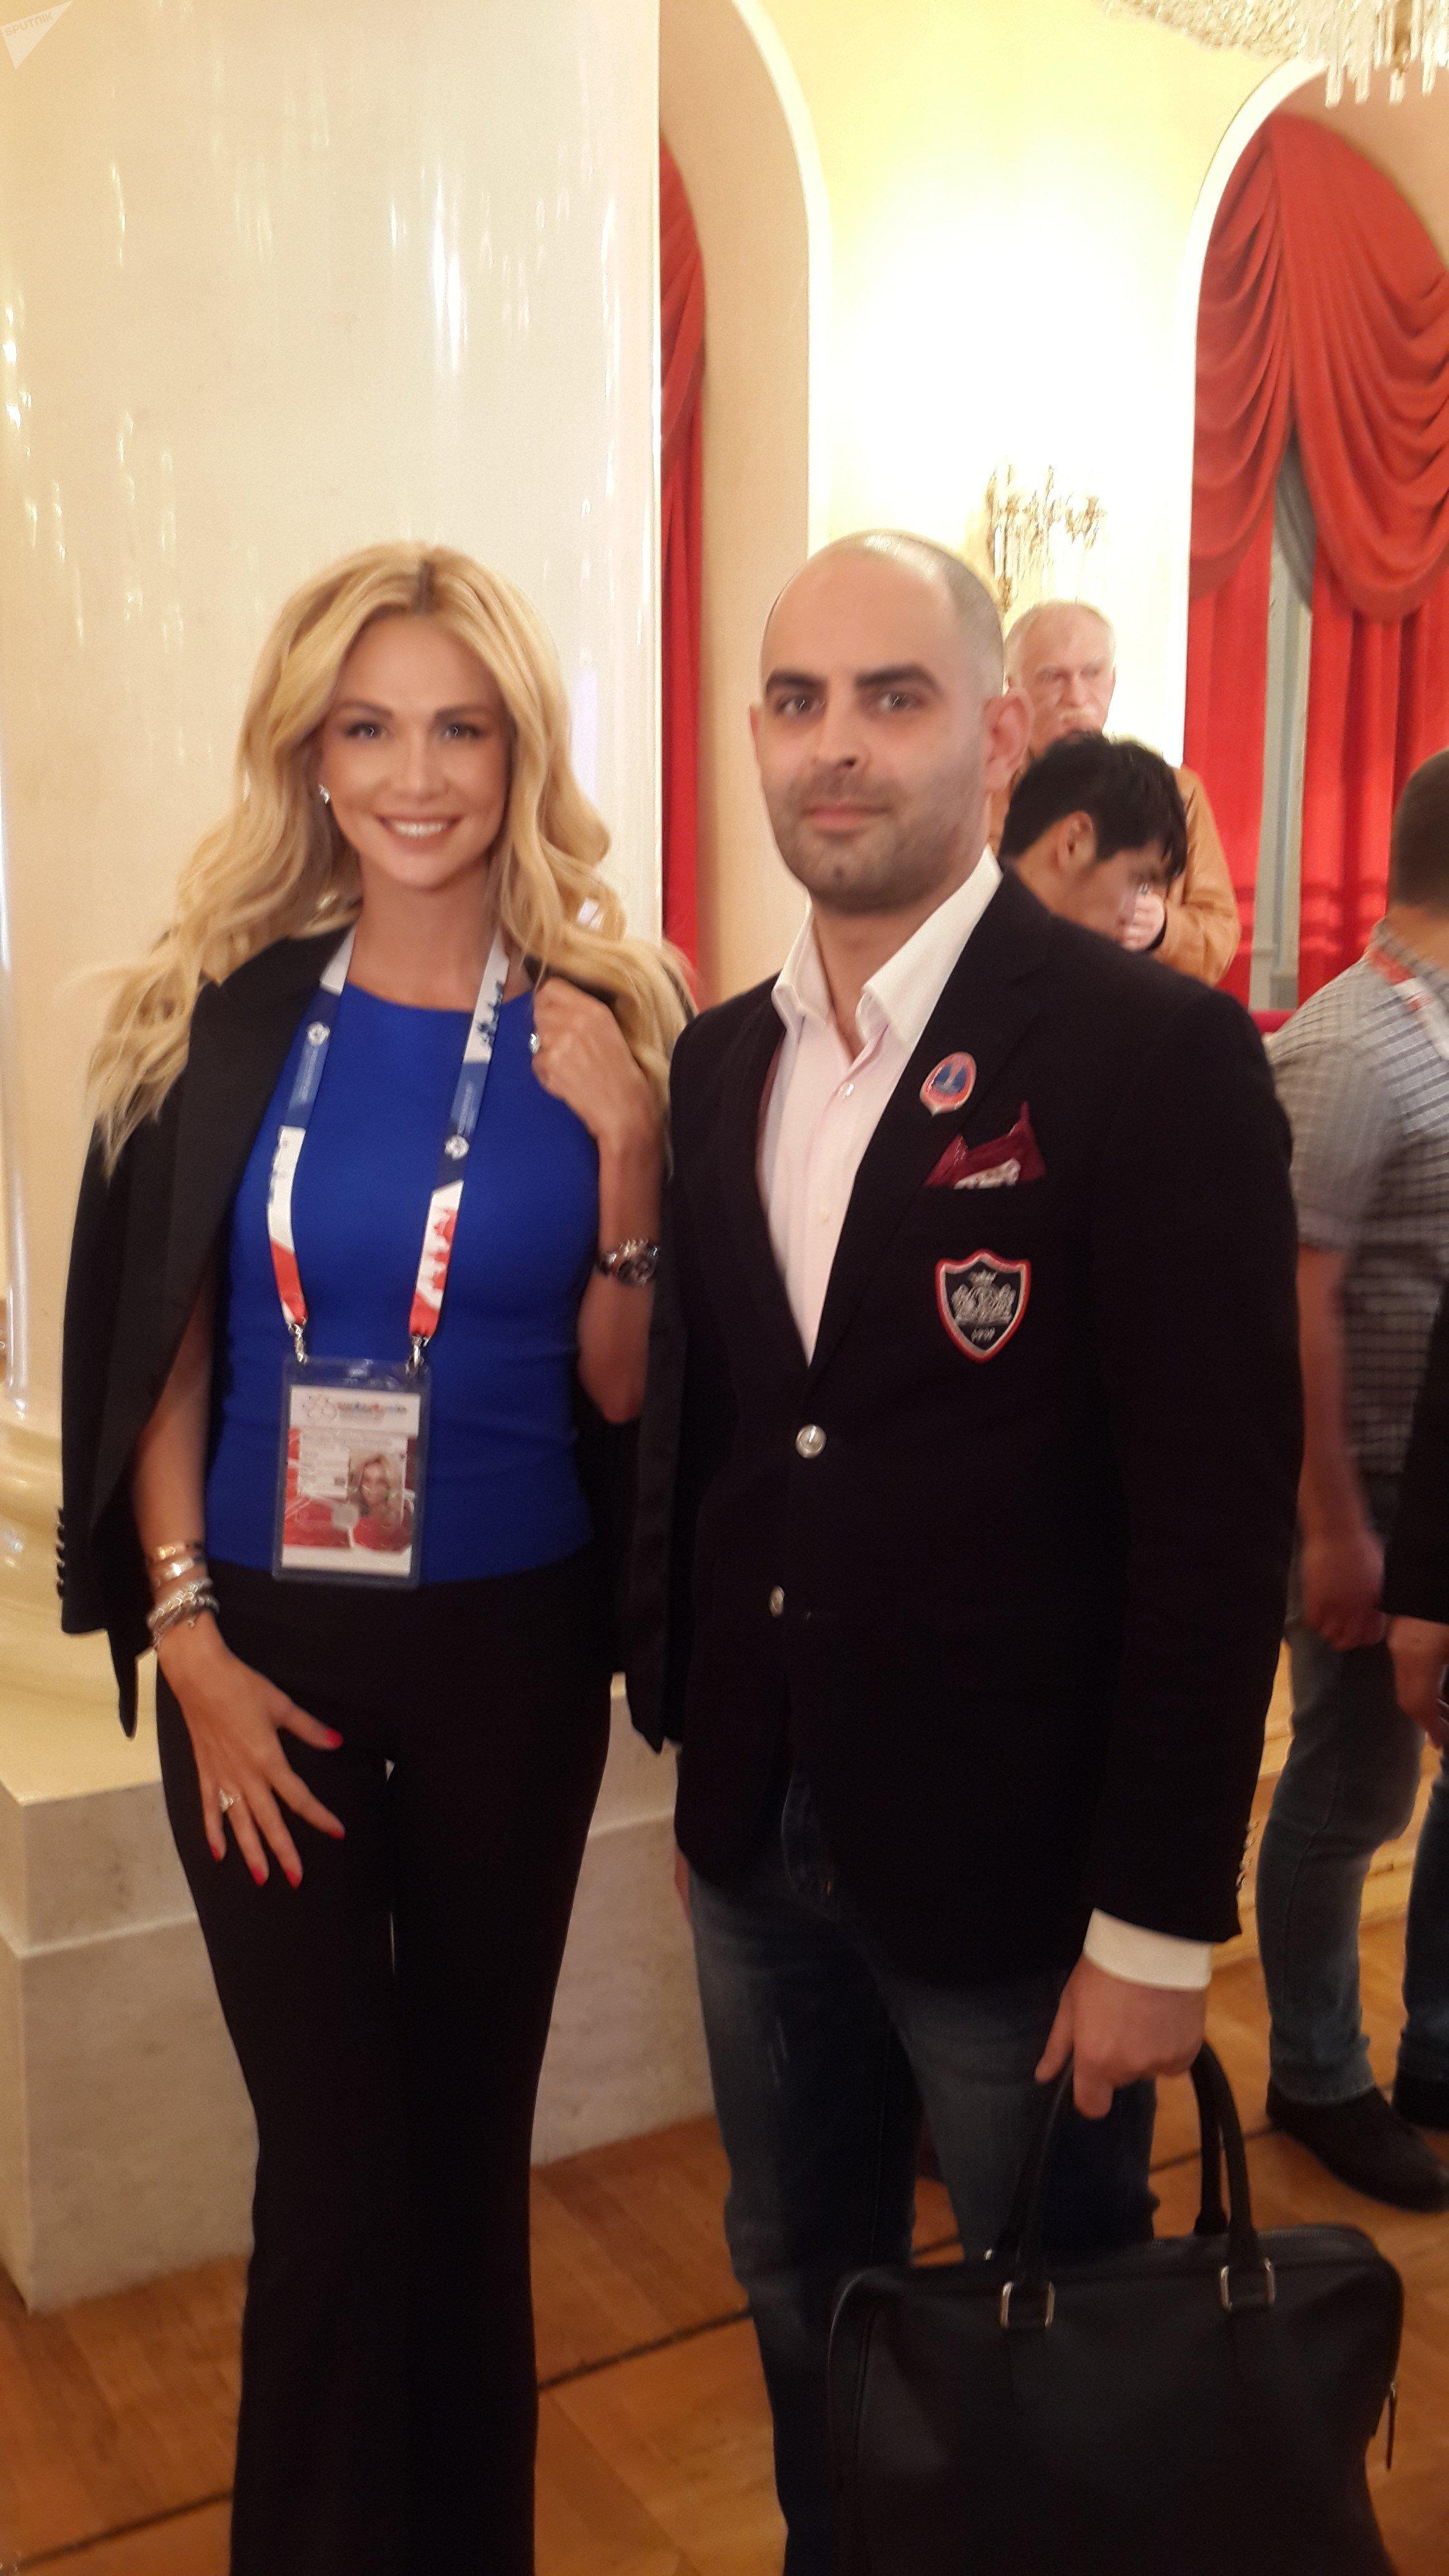 فيكتوريا لوبيريفا سفيرة روسيا لكأس العالم 2018